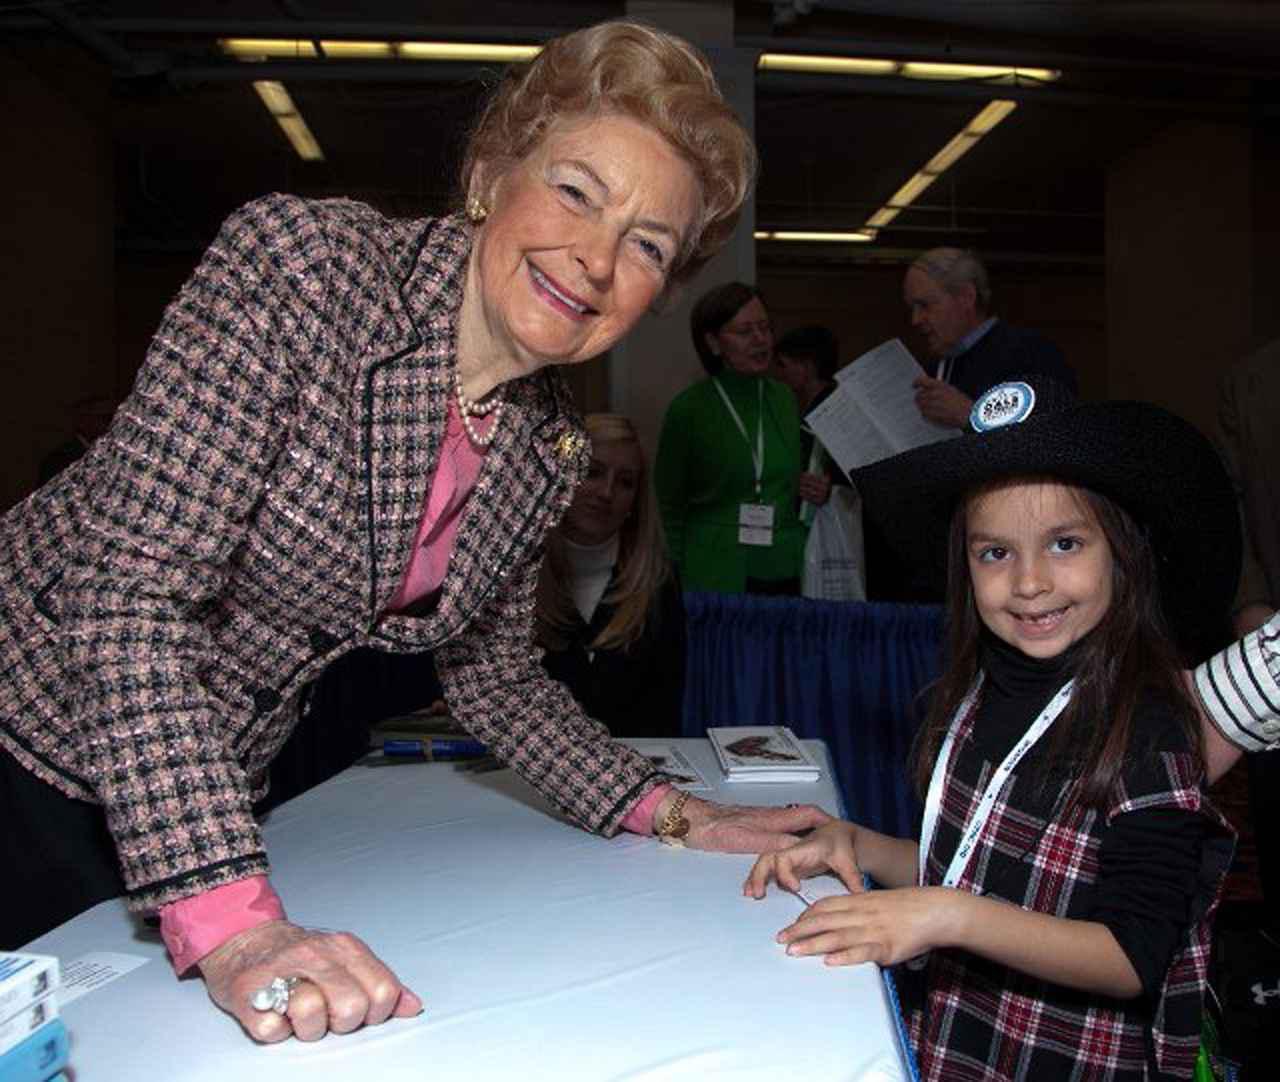 画像: 2011年のCPAC(保守政治活動協議会)に参加した際のフィリス・シュラフリー。